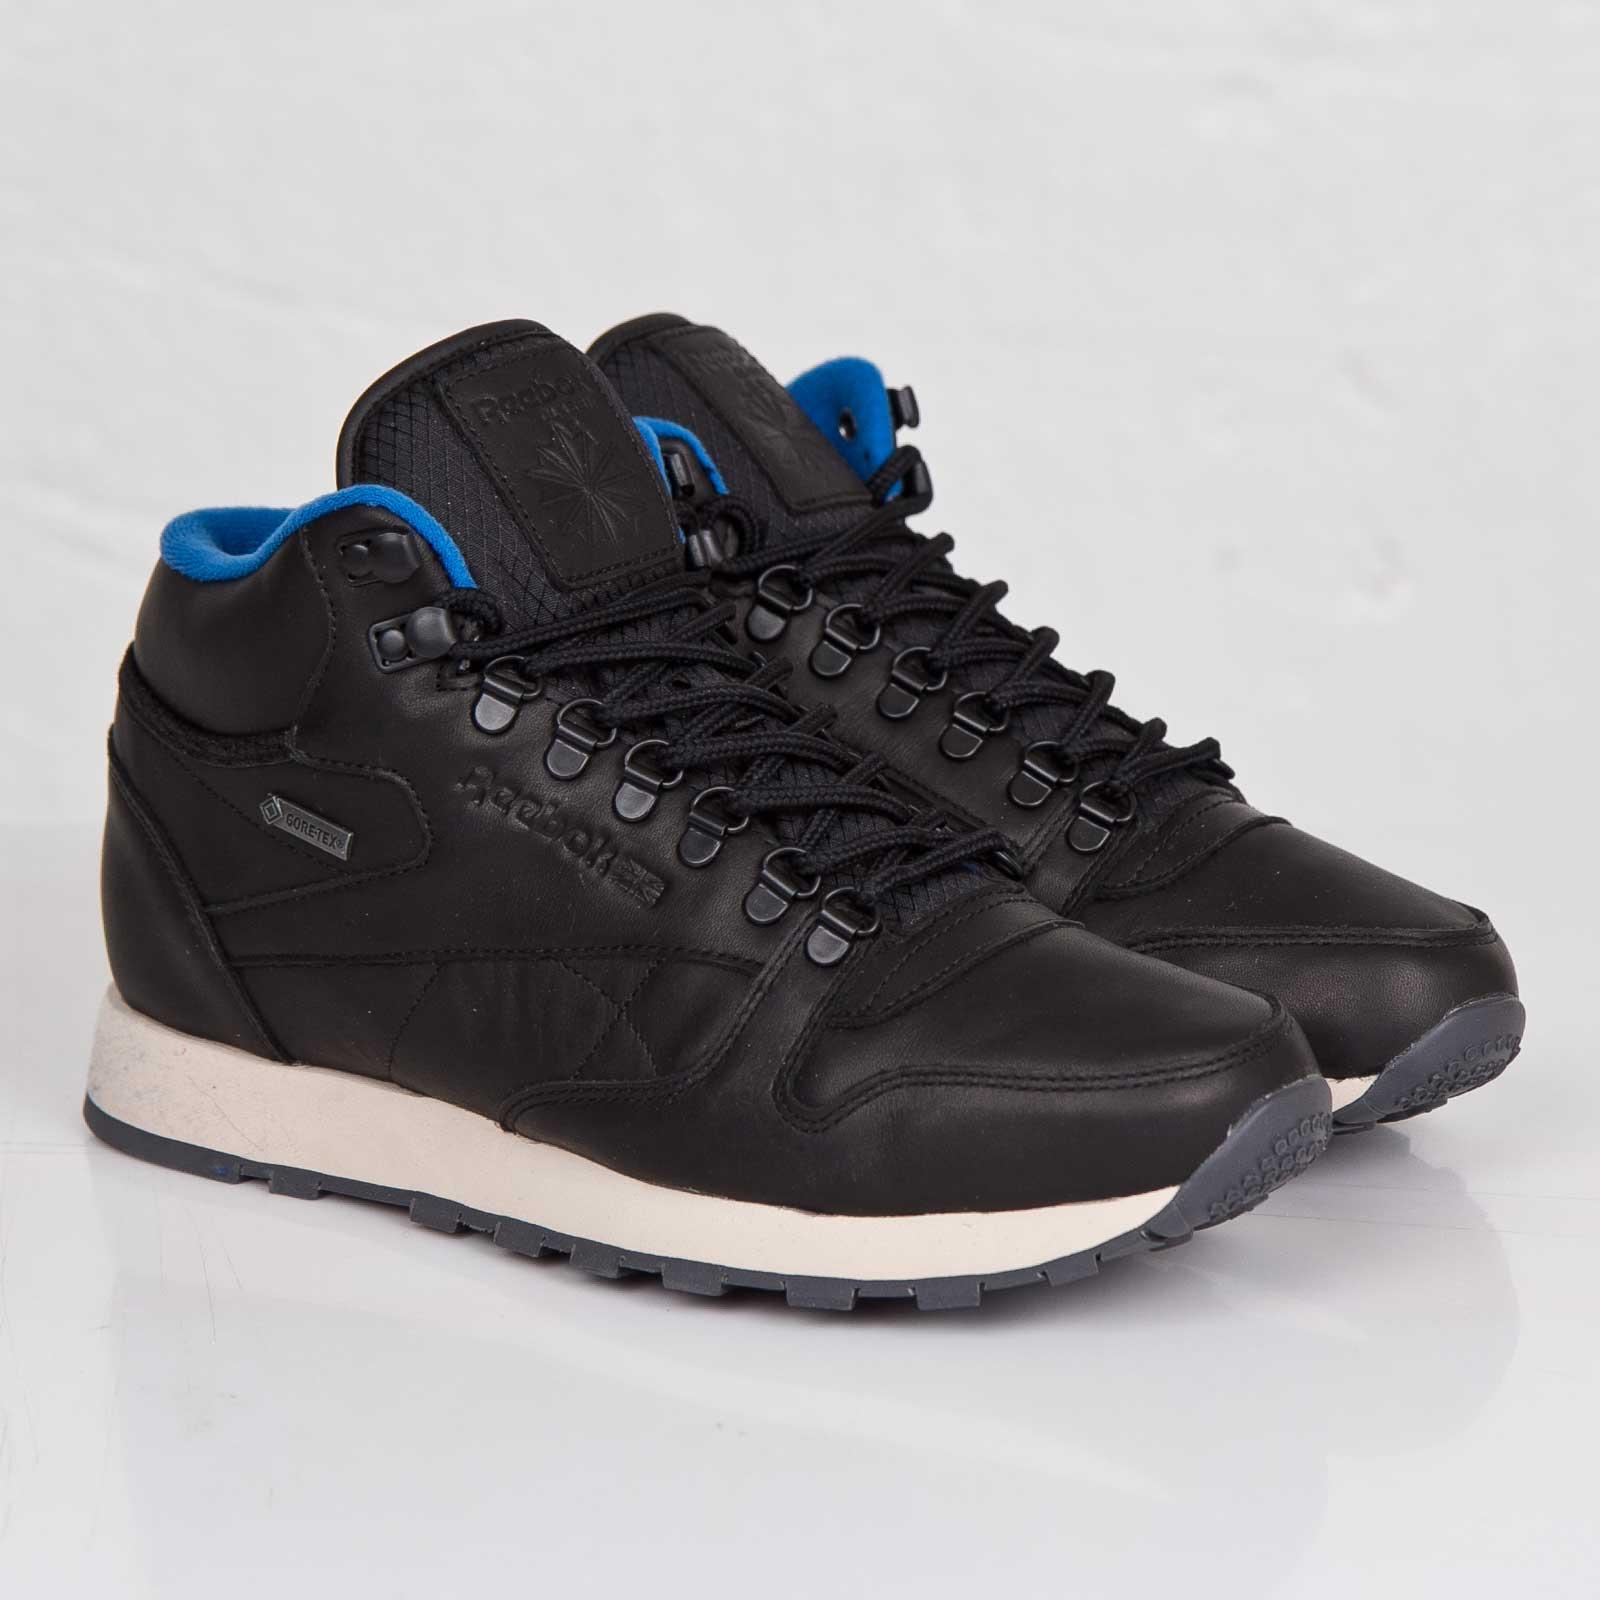 cca802dfc01 reebok classic leather mid gore tex - La sélection de www.inrj.fr !